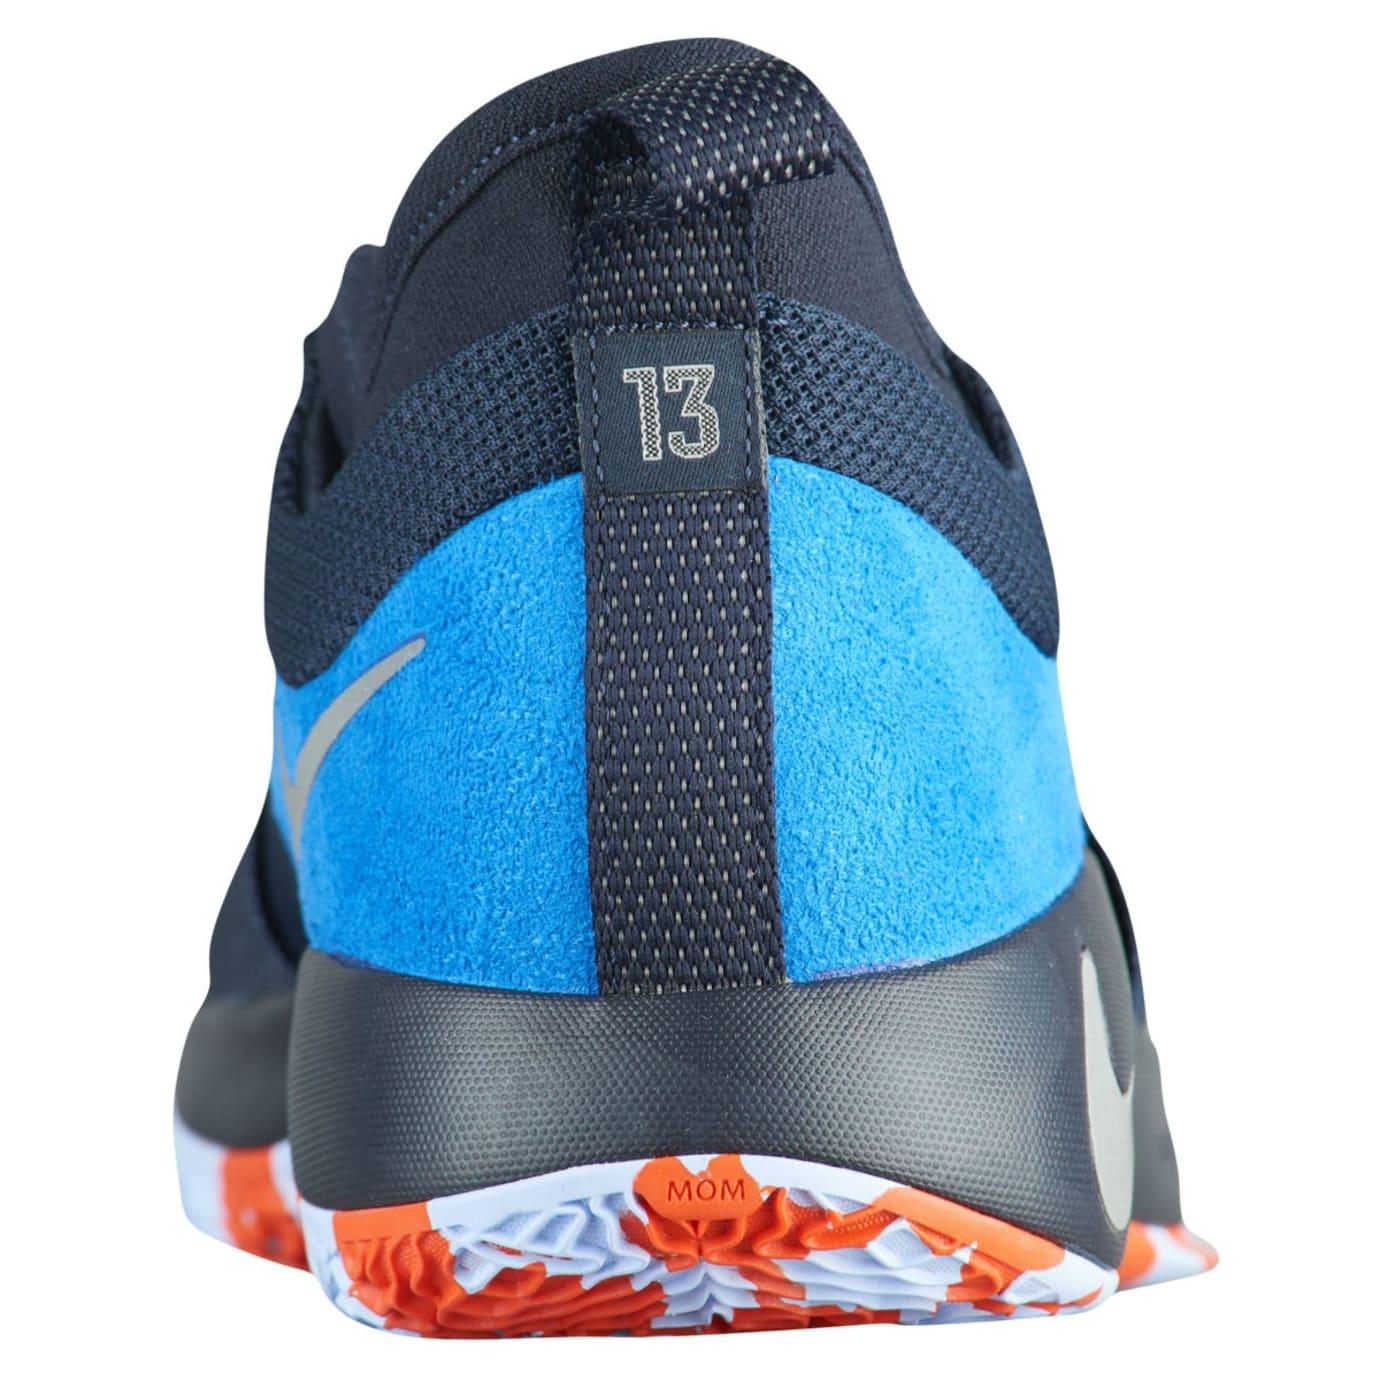 Nike PG2 Home Obsidian Release Date AJ2039-400 Heel